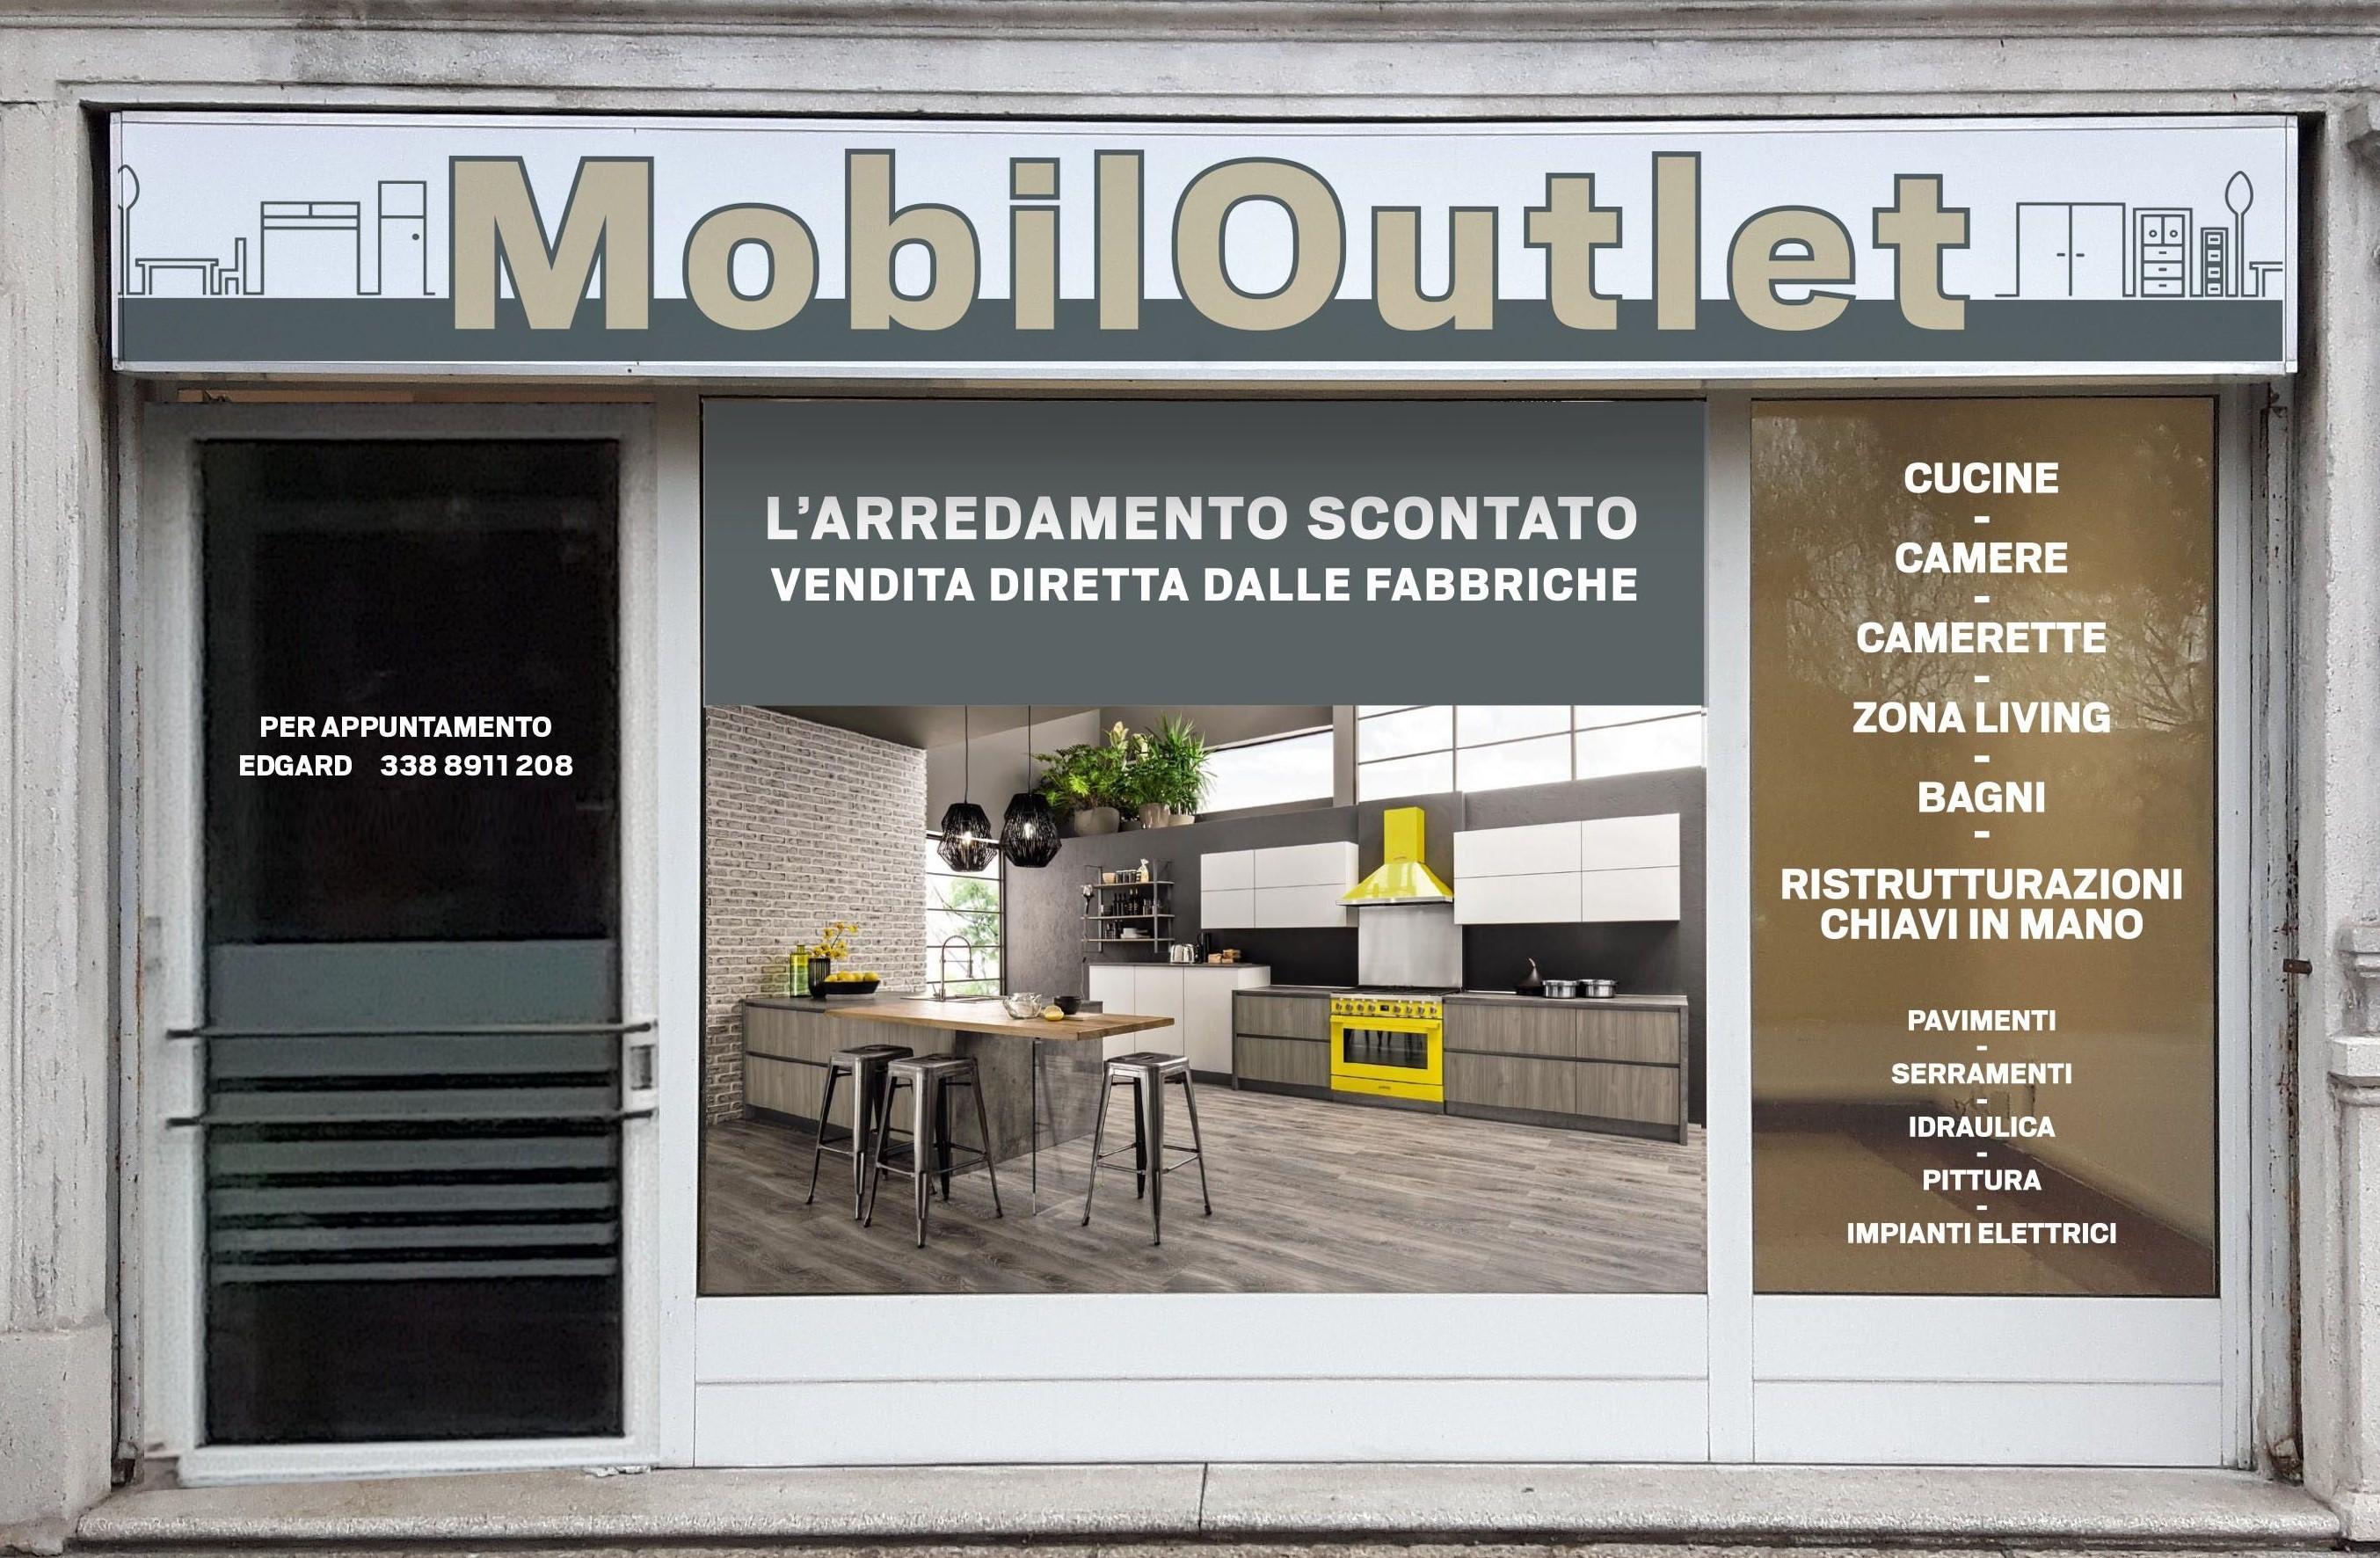 Mobiloutlet l 39 arredamento scontato vendita diretta for Mobili outlet udine